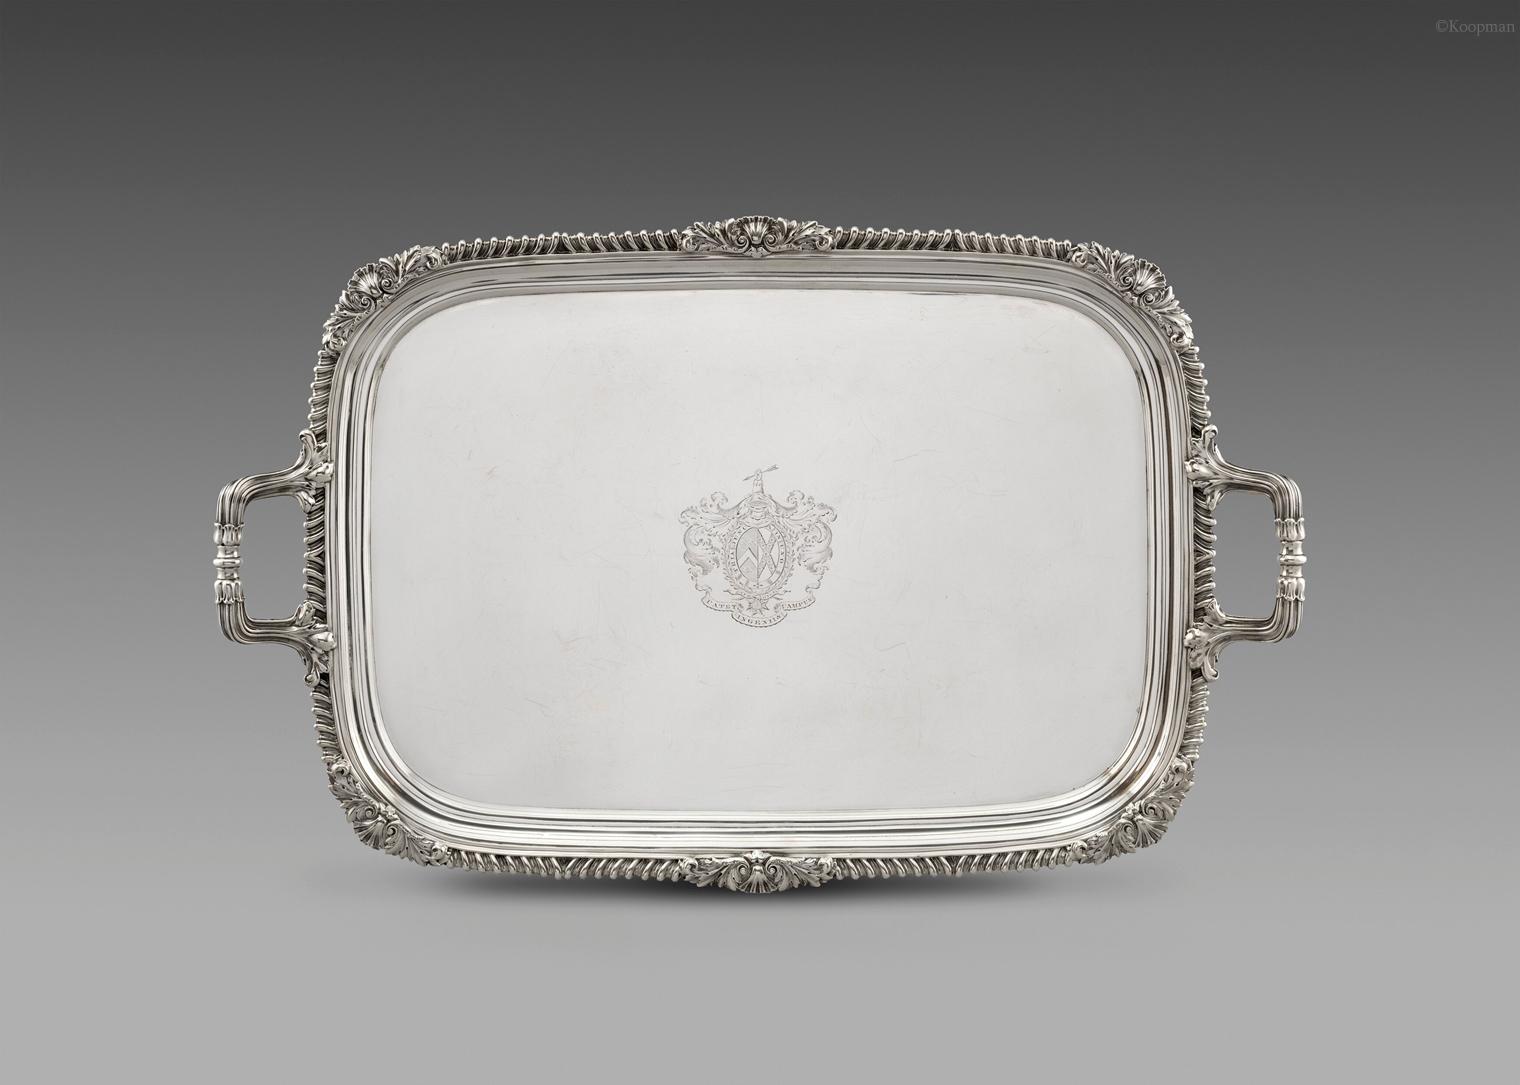 A George IV Tray